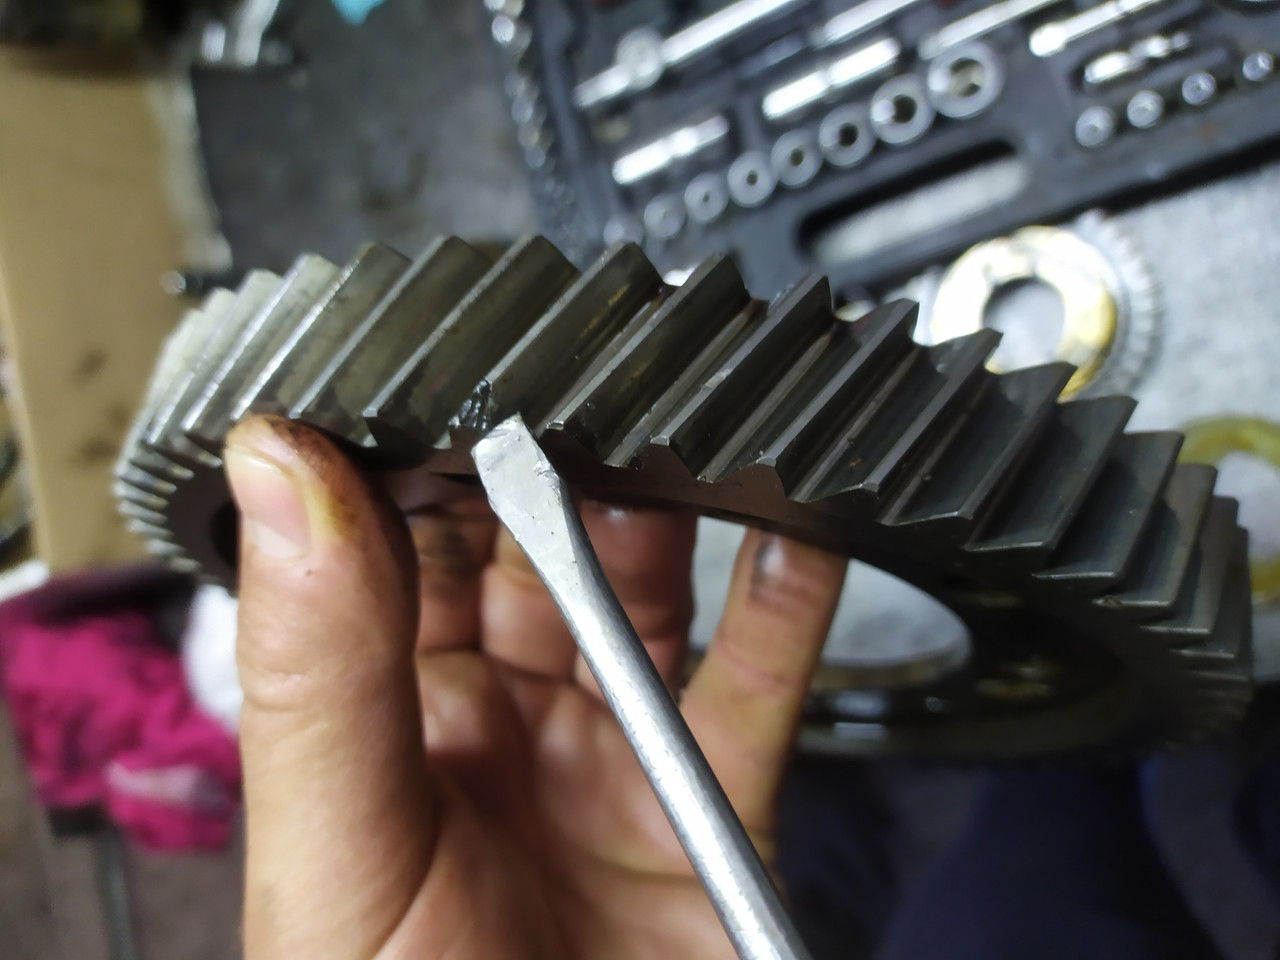 Ремонт коробки передач Двигателя Ходовой Чери Истар Chery Eastar B11